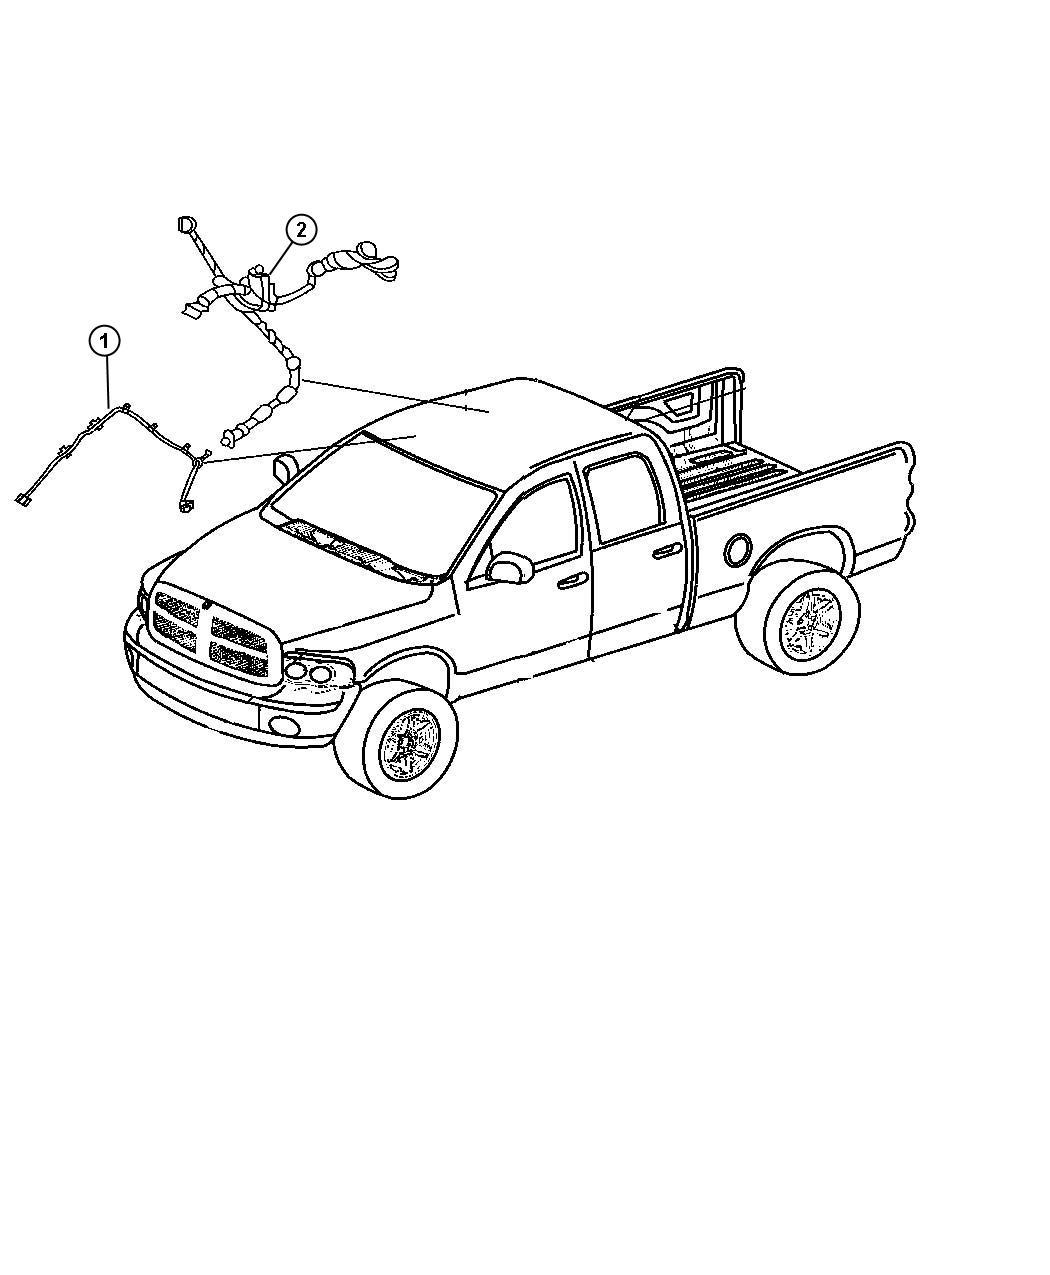 Dodge Ram Wiring Header Rear View Auto Dim Mirror